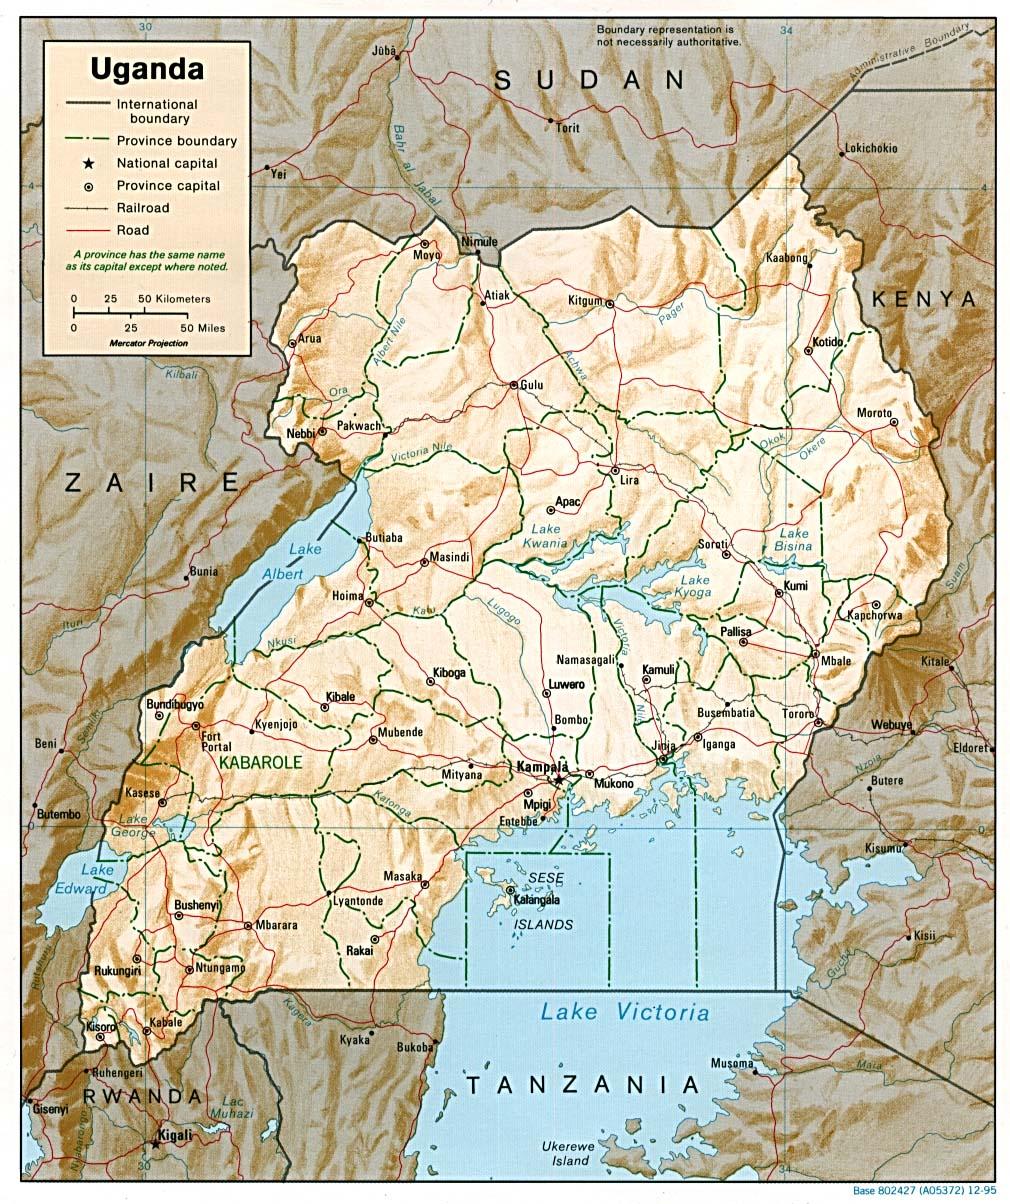 Download Free Uganda Maps - Free satellite maps online